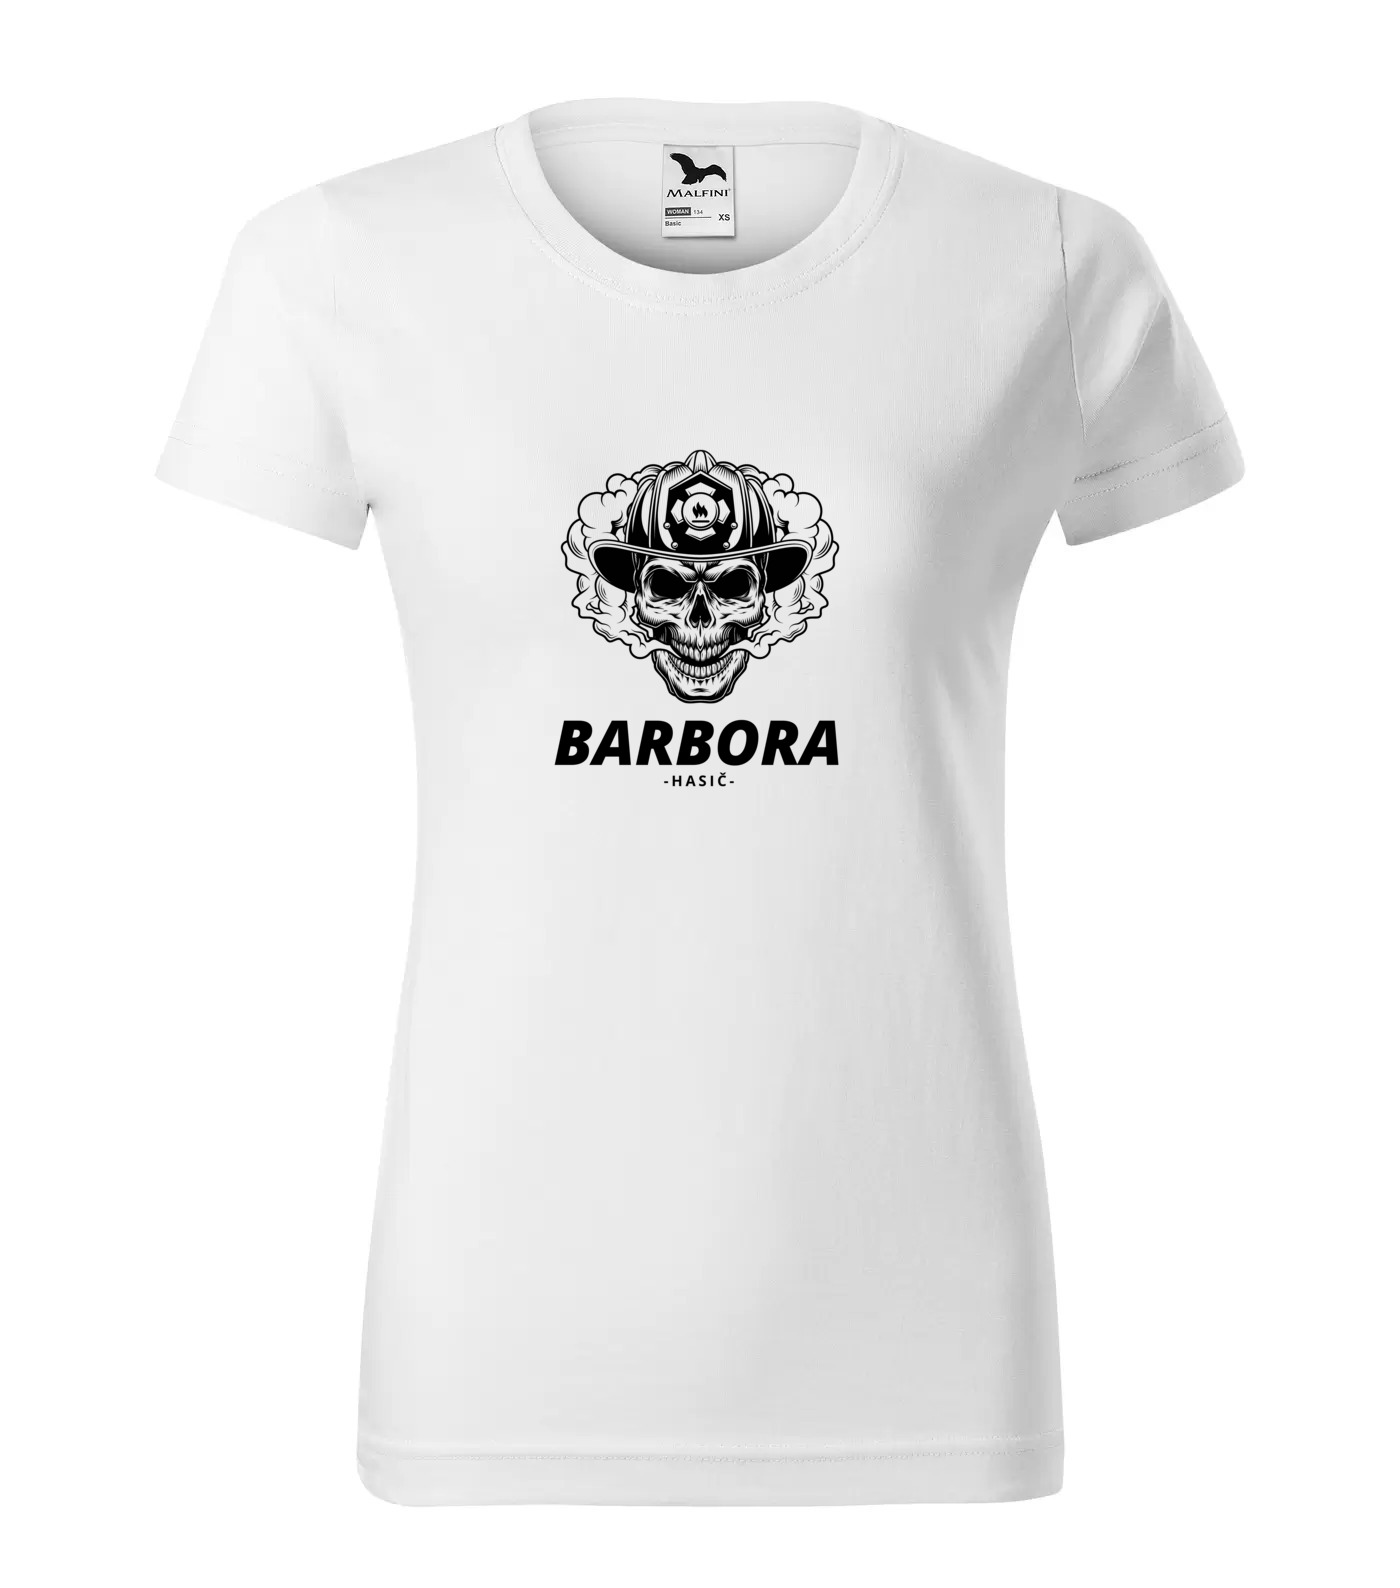 Tričko Hasič Barbora